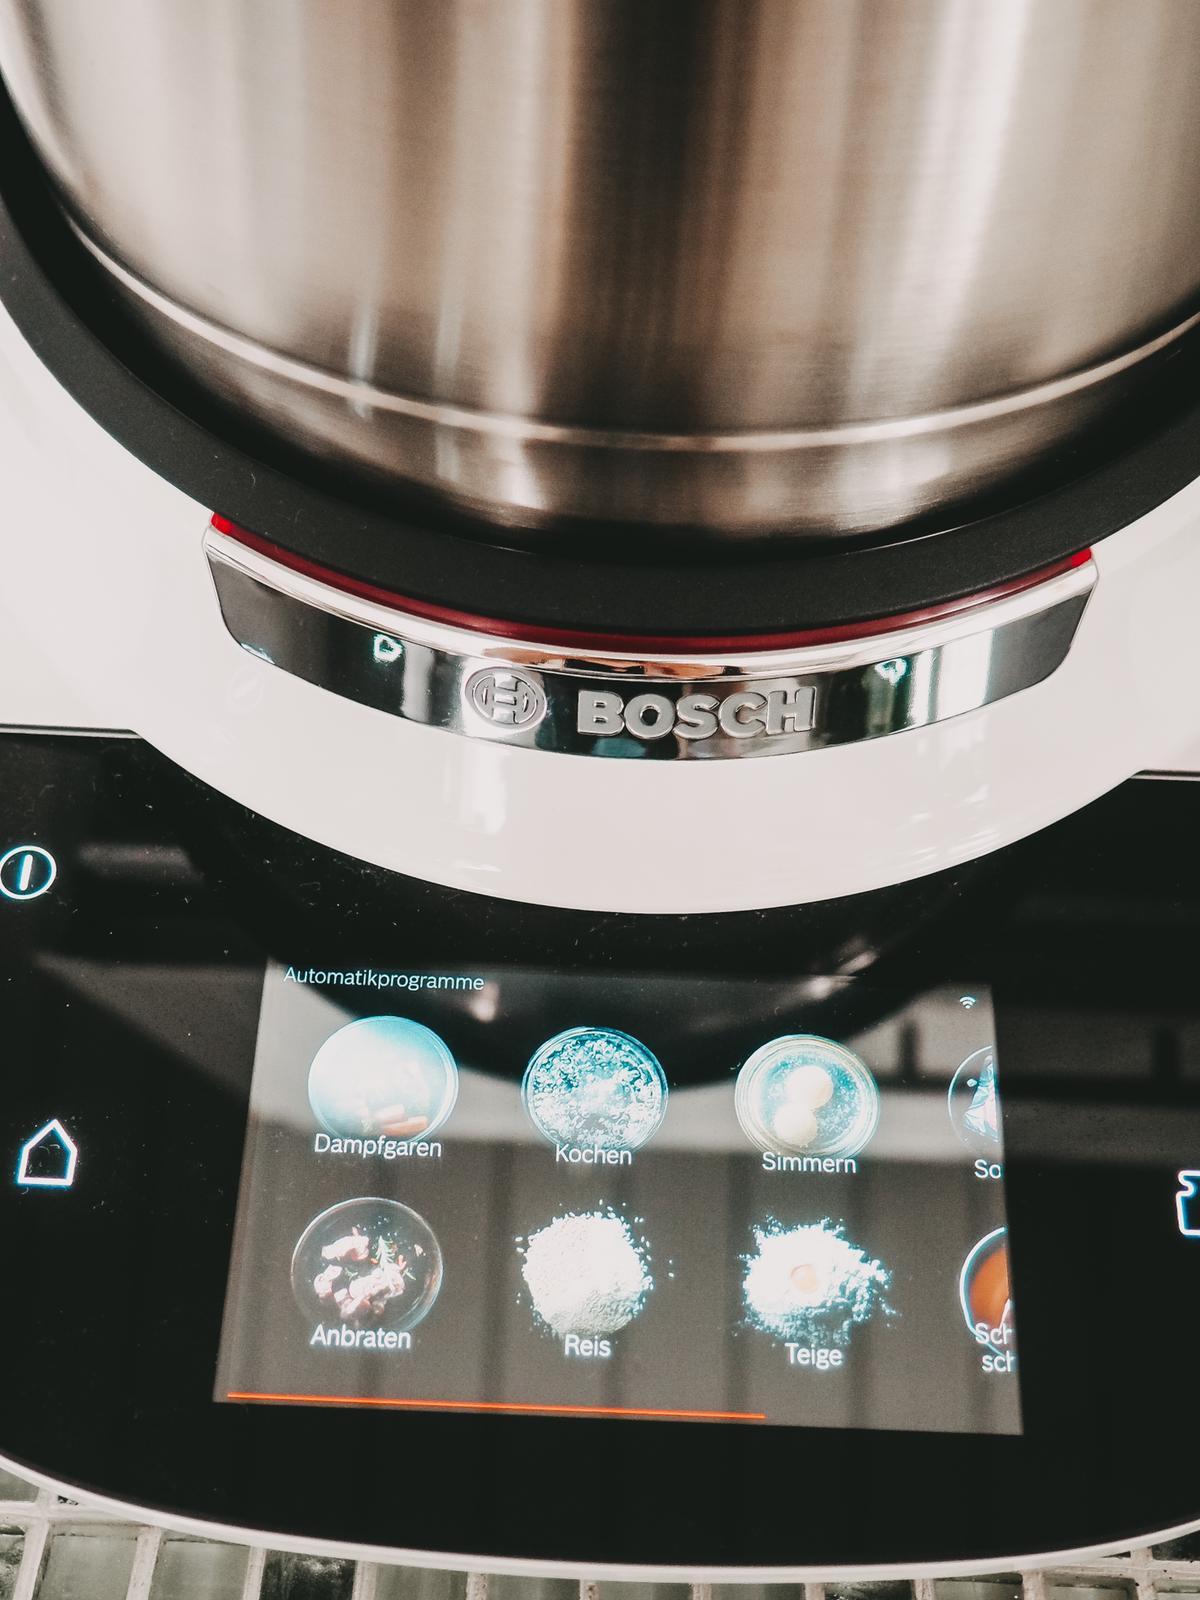 Mit dem Bosch Cookit bleiben keine Wünsche offen